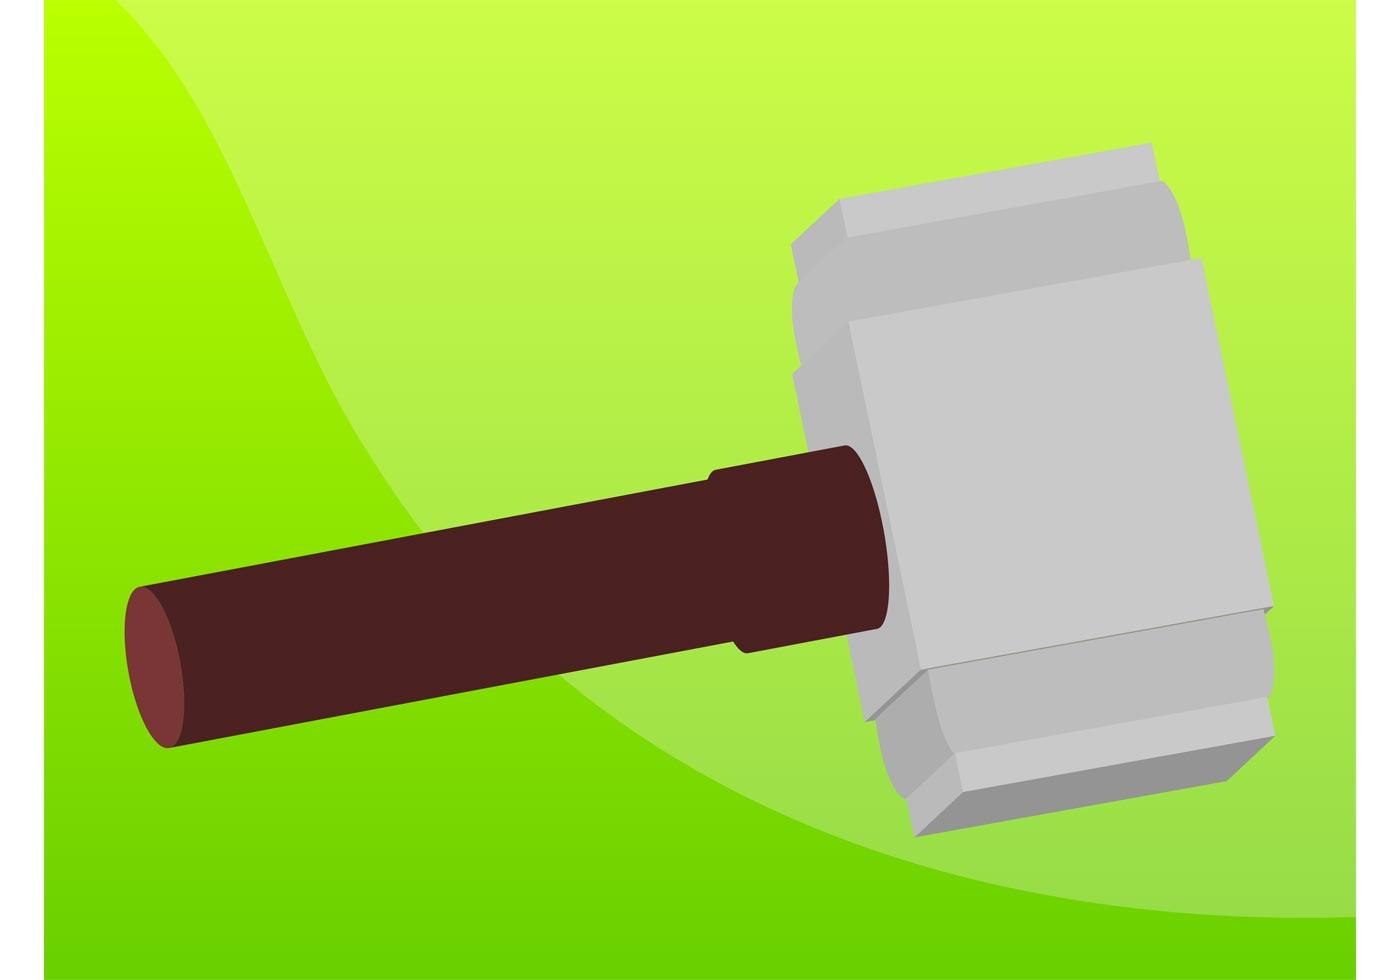 Vector Illustration Hammer: Hammer Free Vector Art